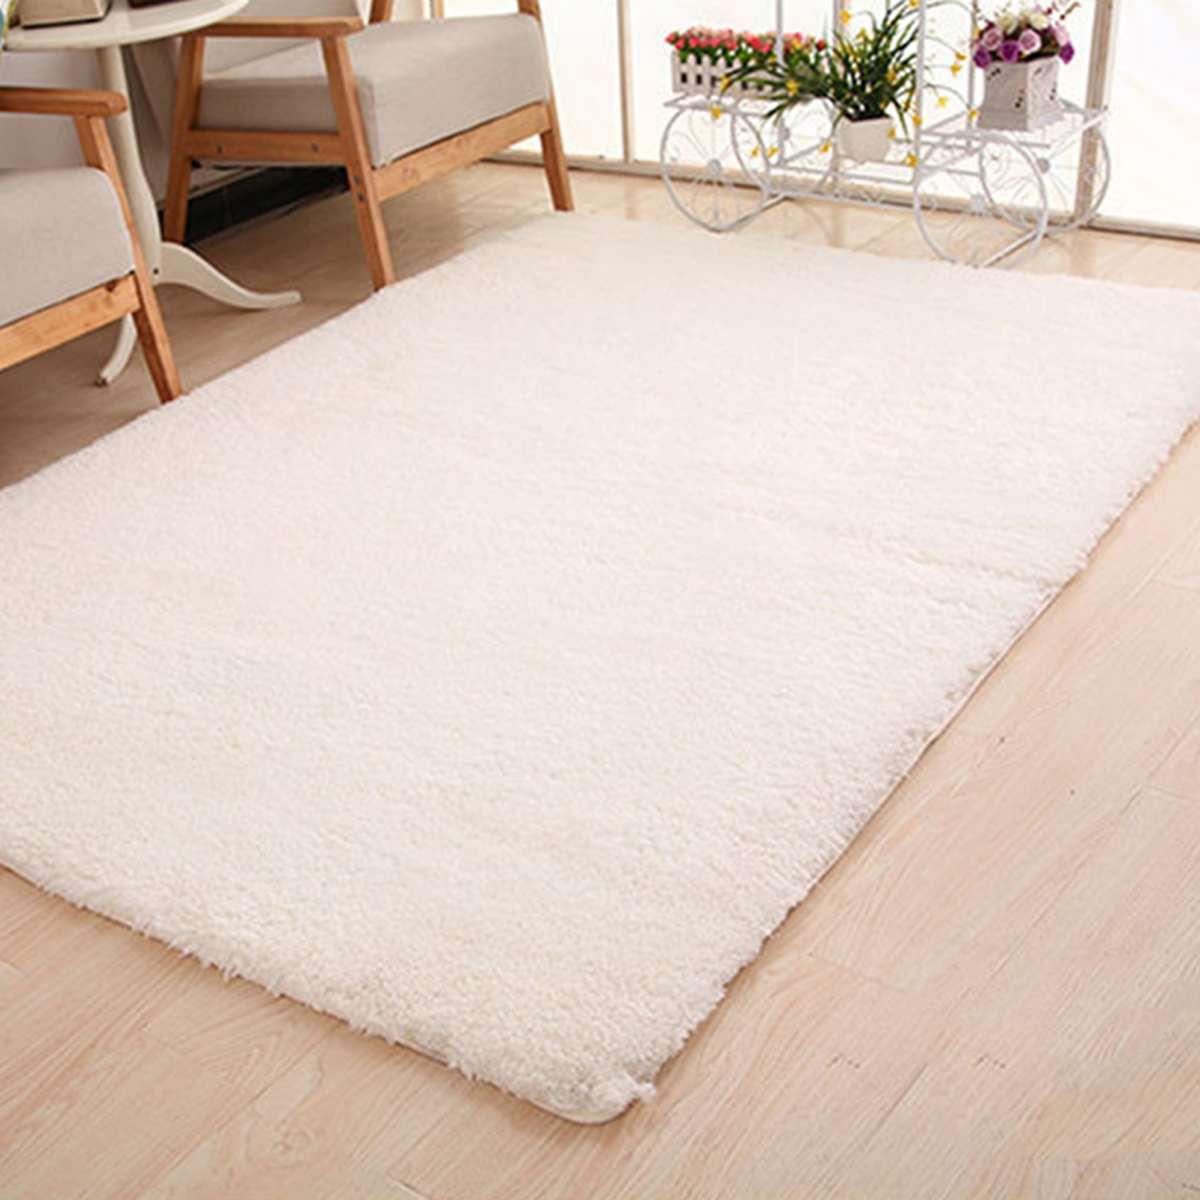 Doux moelleux Shaggy tapis pour salon moderne chambre salle de bain tapis anti-dérapant canapé tapis de sol Pad zone tapis 200 cm décor à la maison